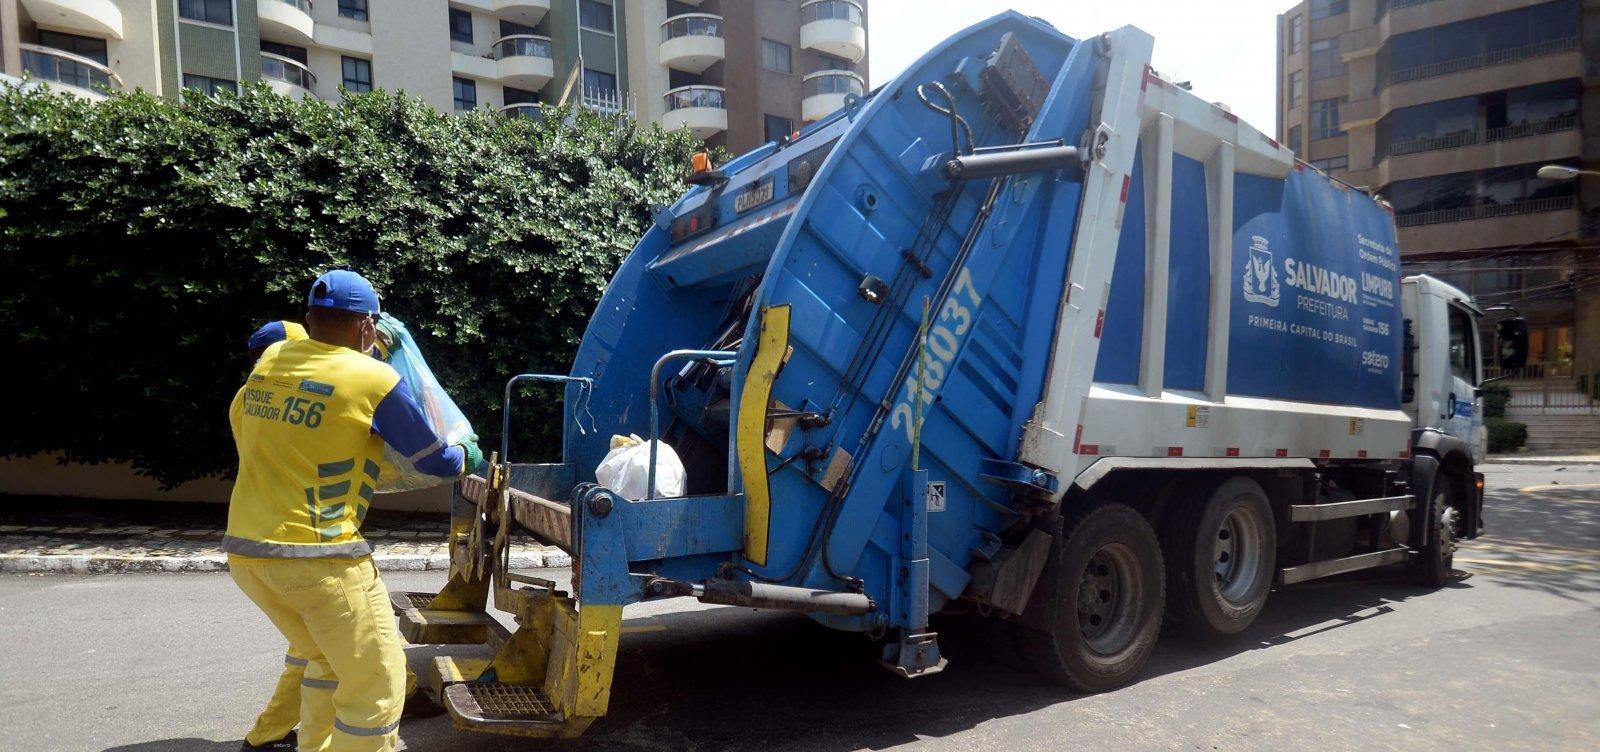 [População deve descartar corretamente lixo contaminado por Covid-19, afirma Limpurb]